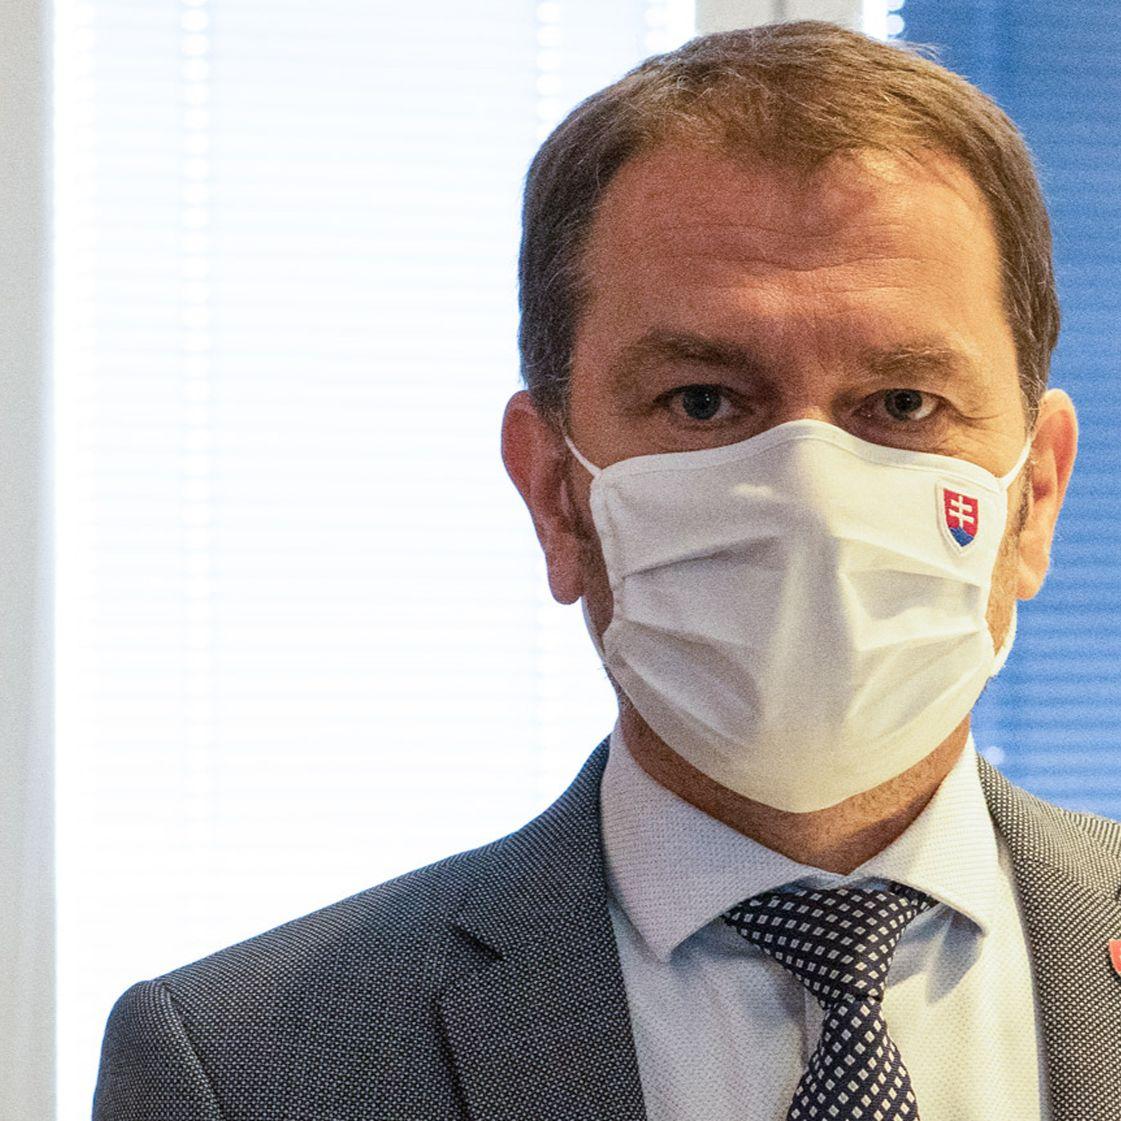 Igor Matovič - Odmietam tvrdenia, podľa ktorých prebiehajú policajné razie na politickú objednávku